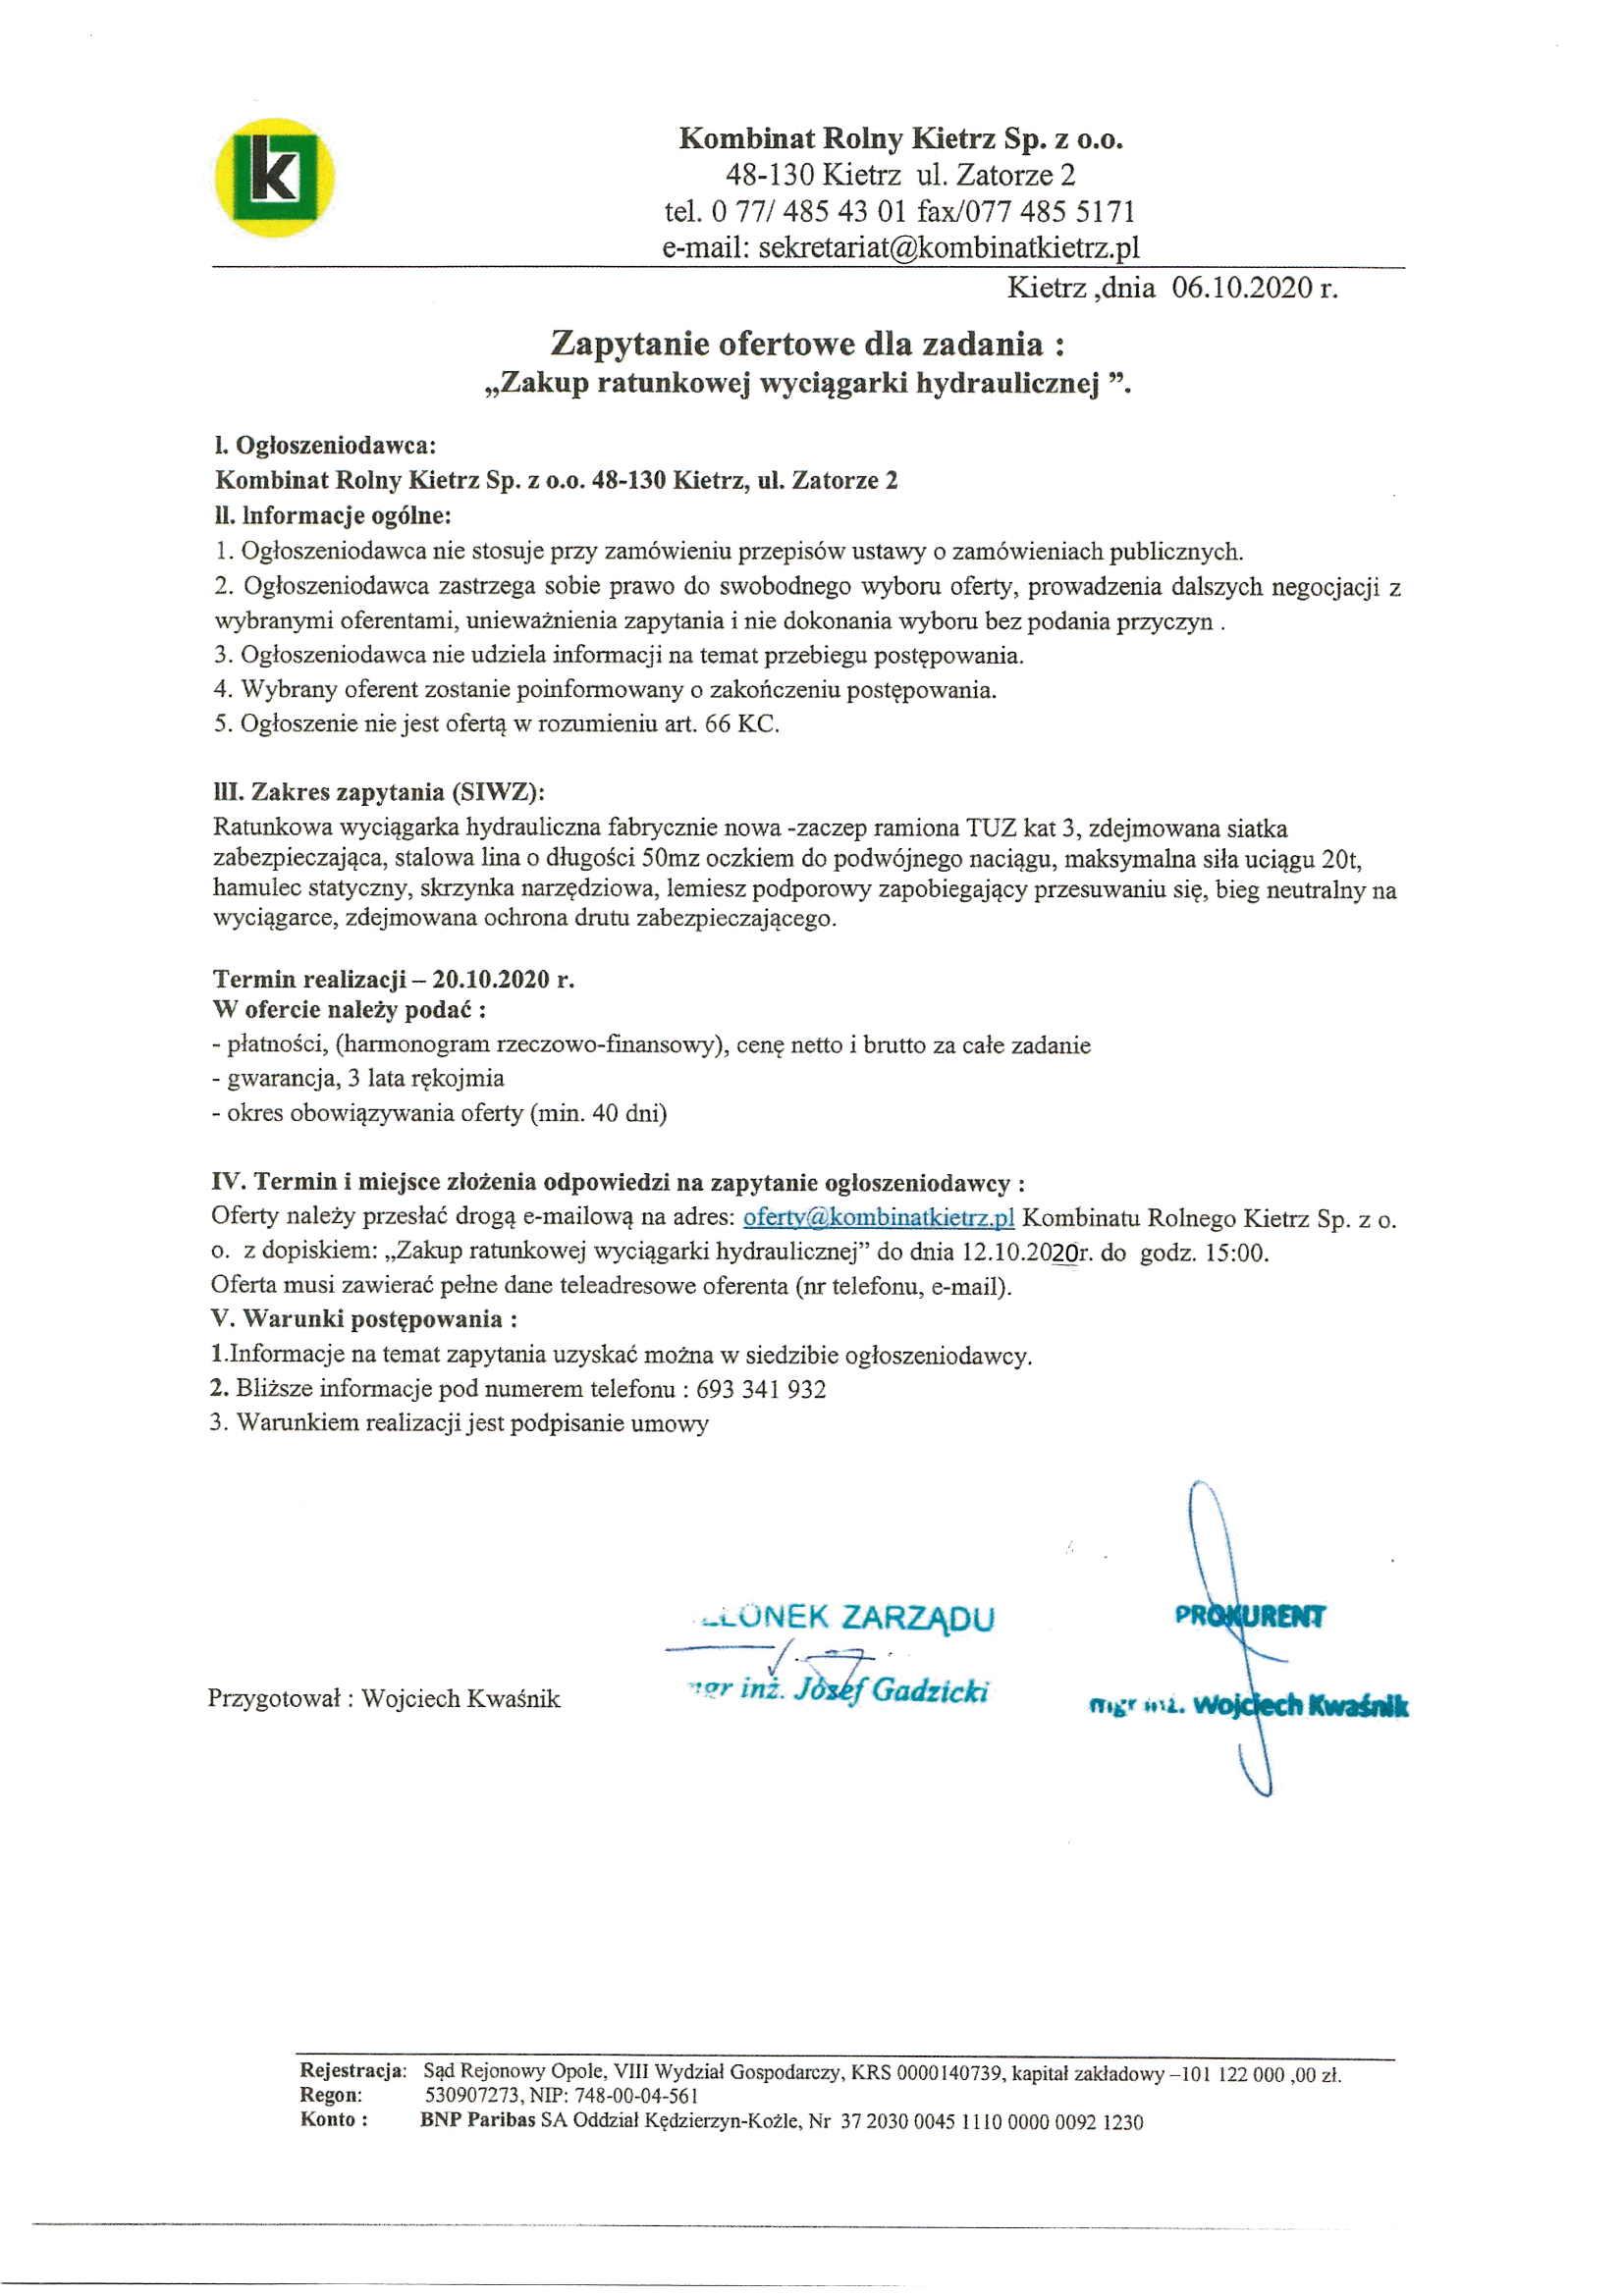 krkietrzsekretariatgmailcom-000  2jpg